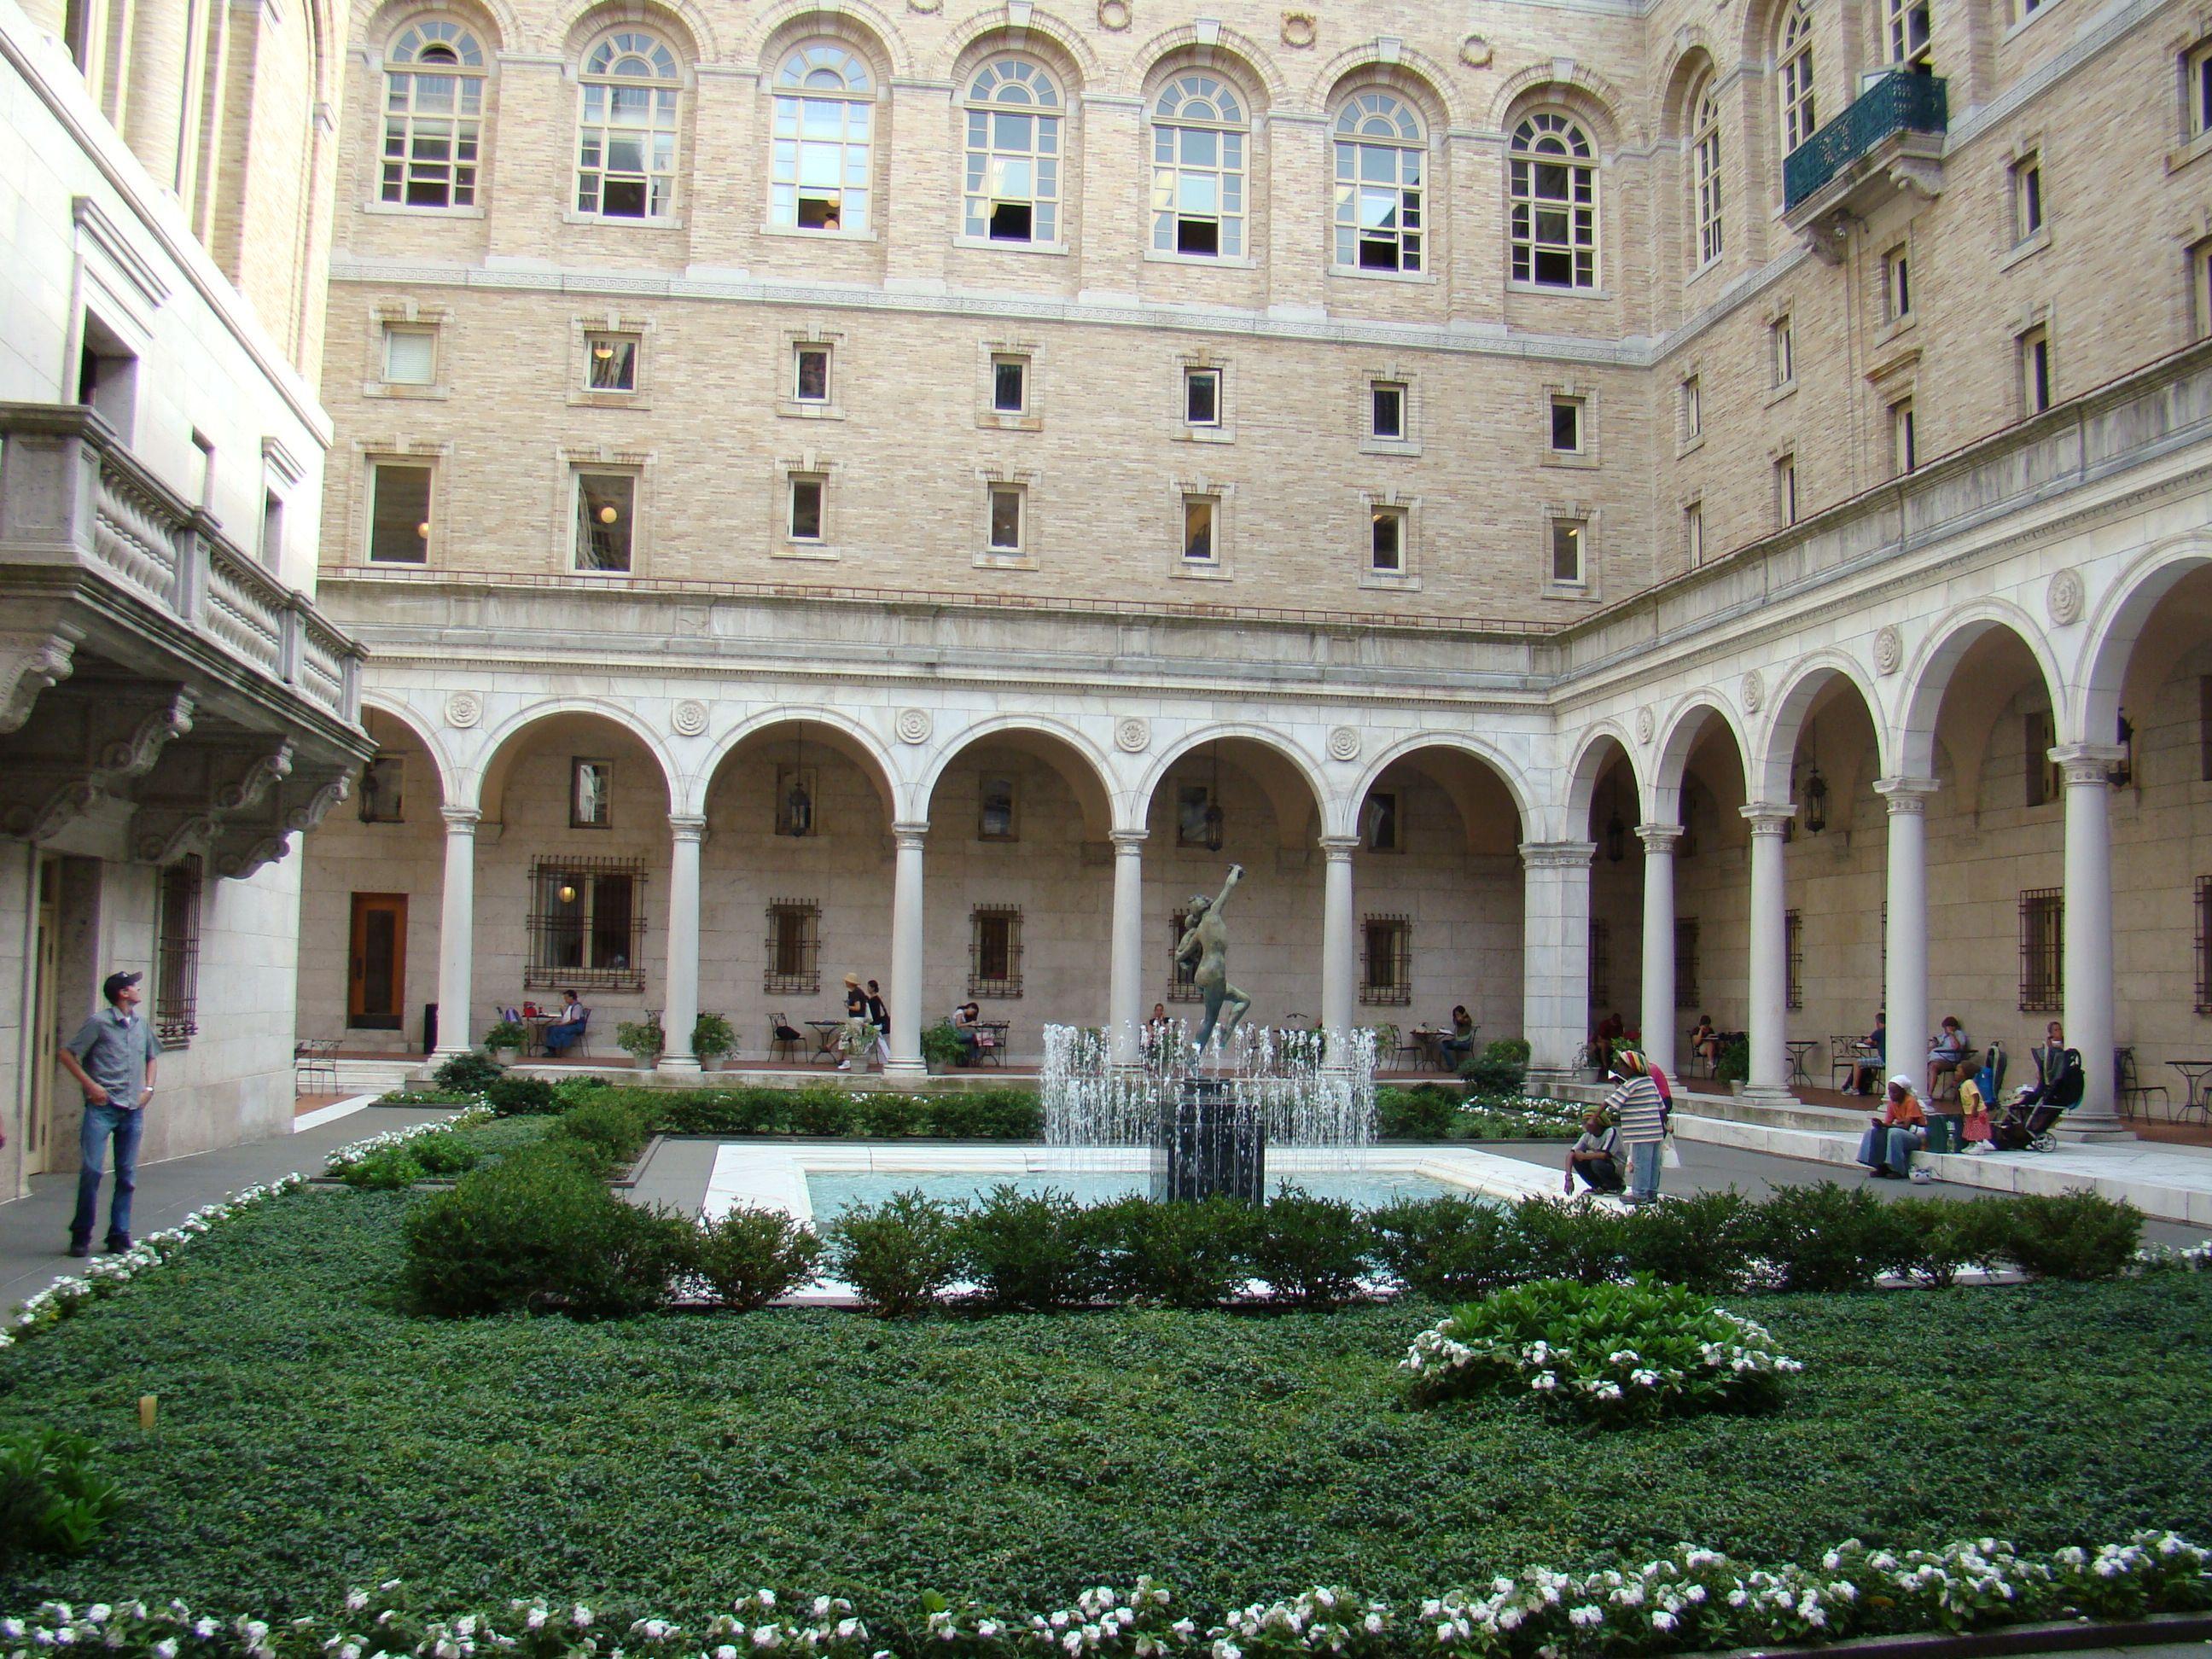 Garden Courtyard Boston Public Library